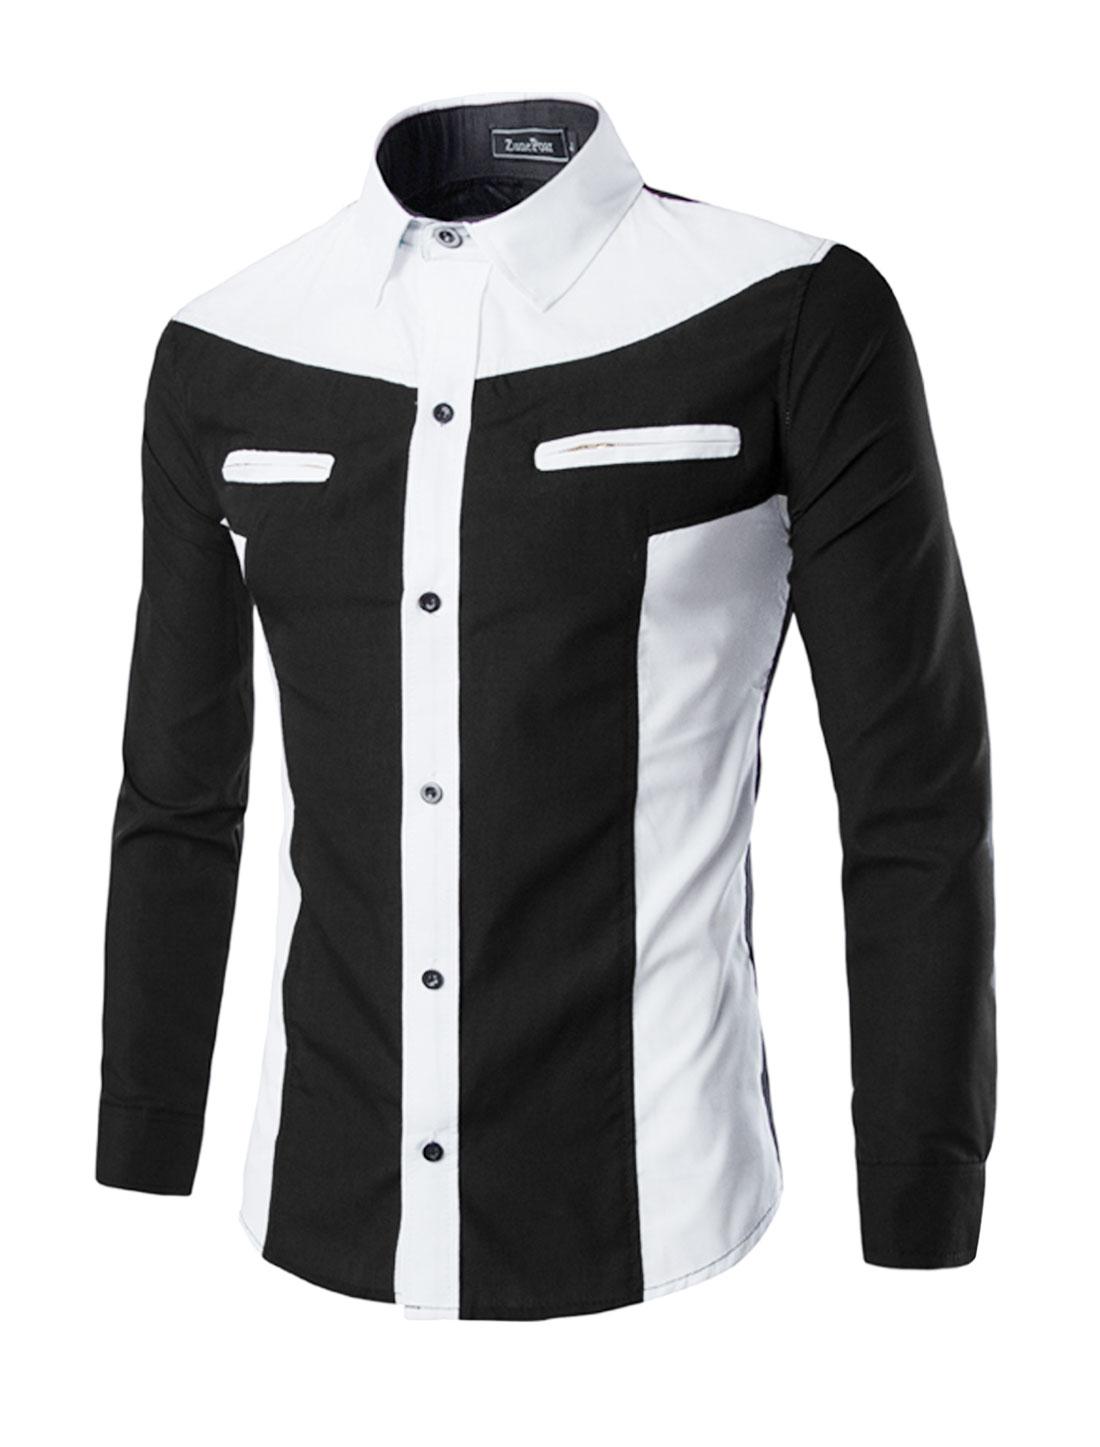 Men Collared Mock Pockets Contrast Color Slim Fit Shirt Black M